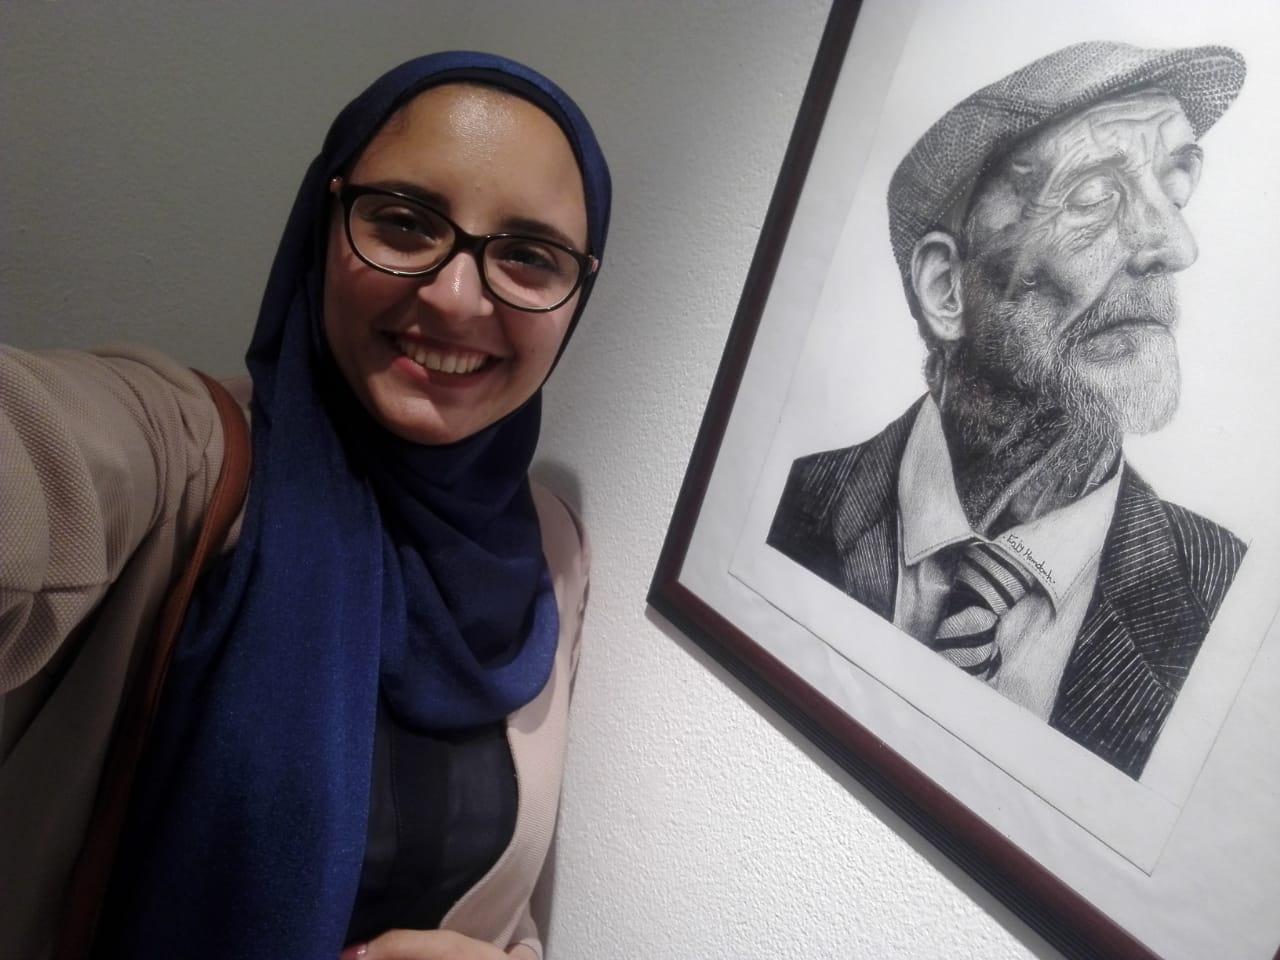 القارئة مع إحدى لوحاتها